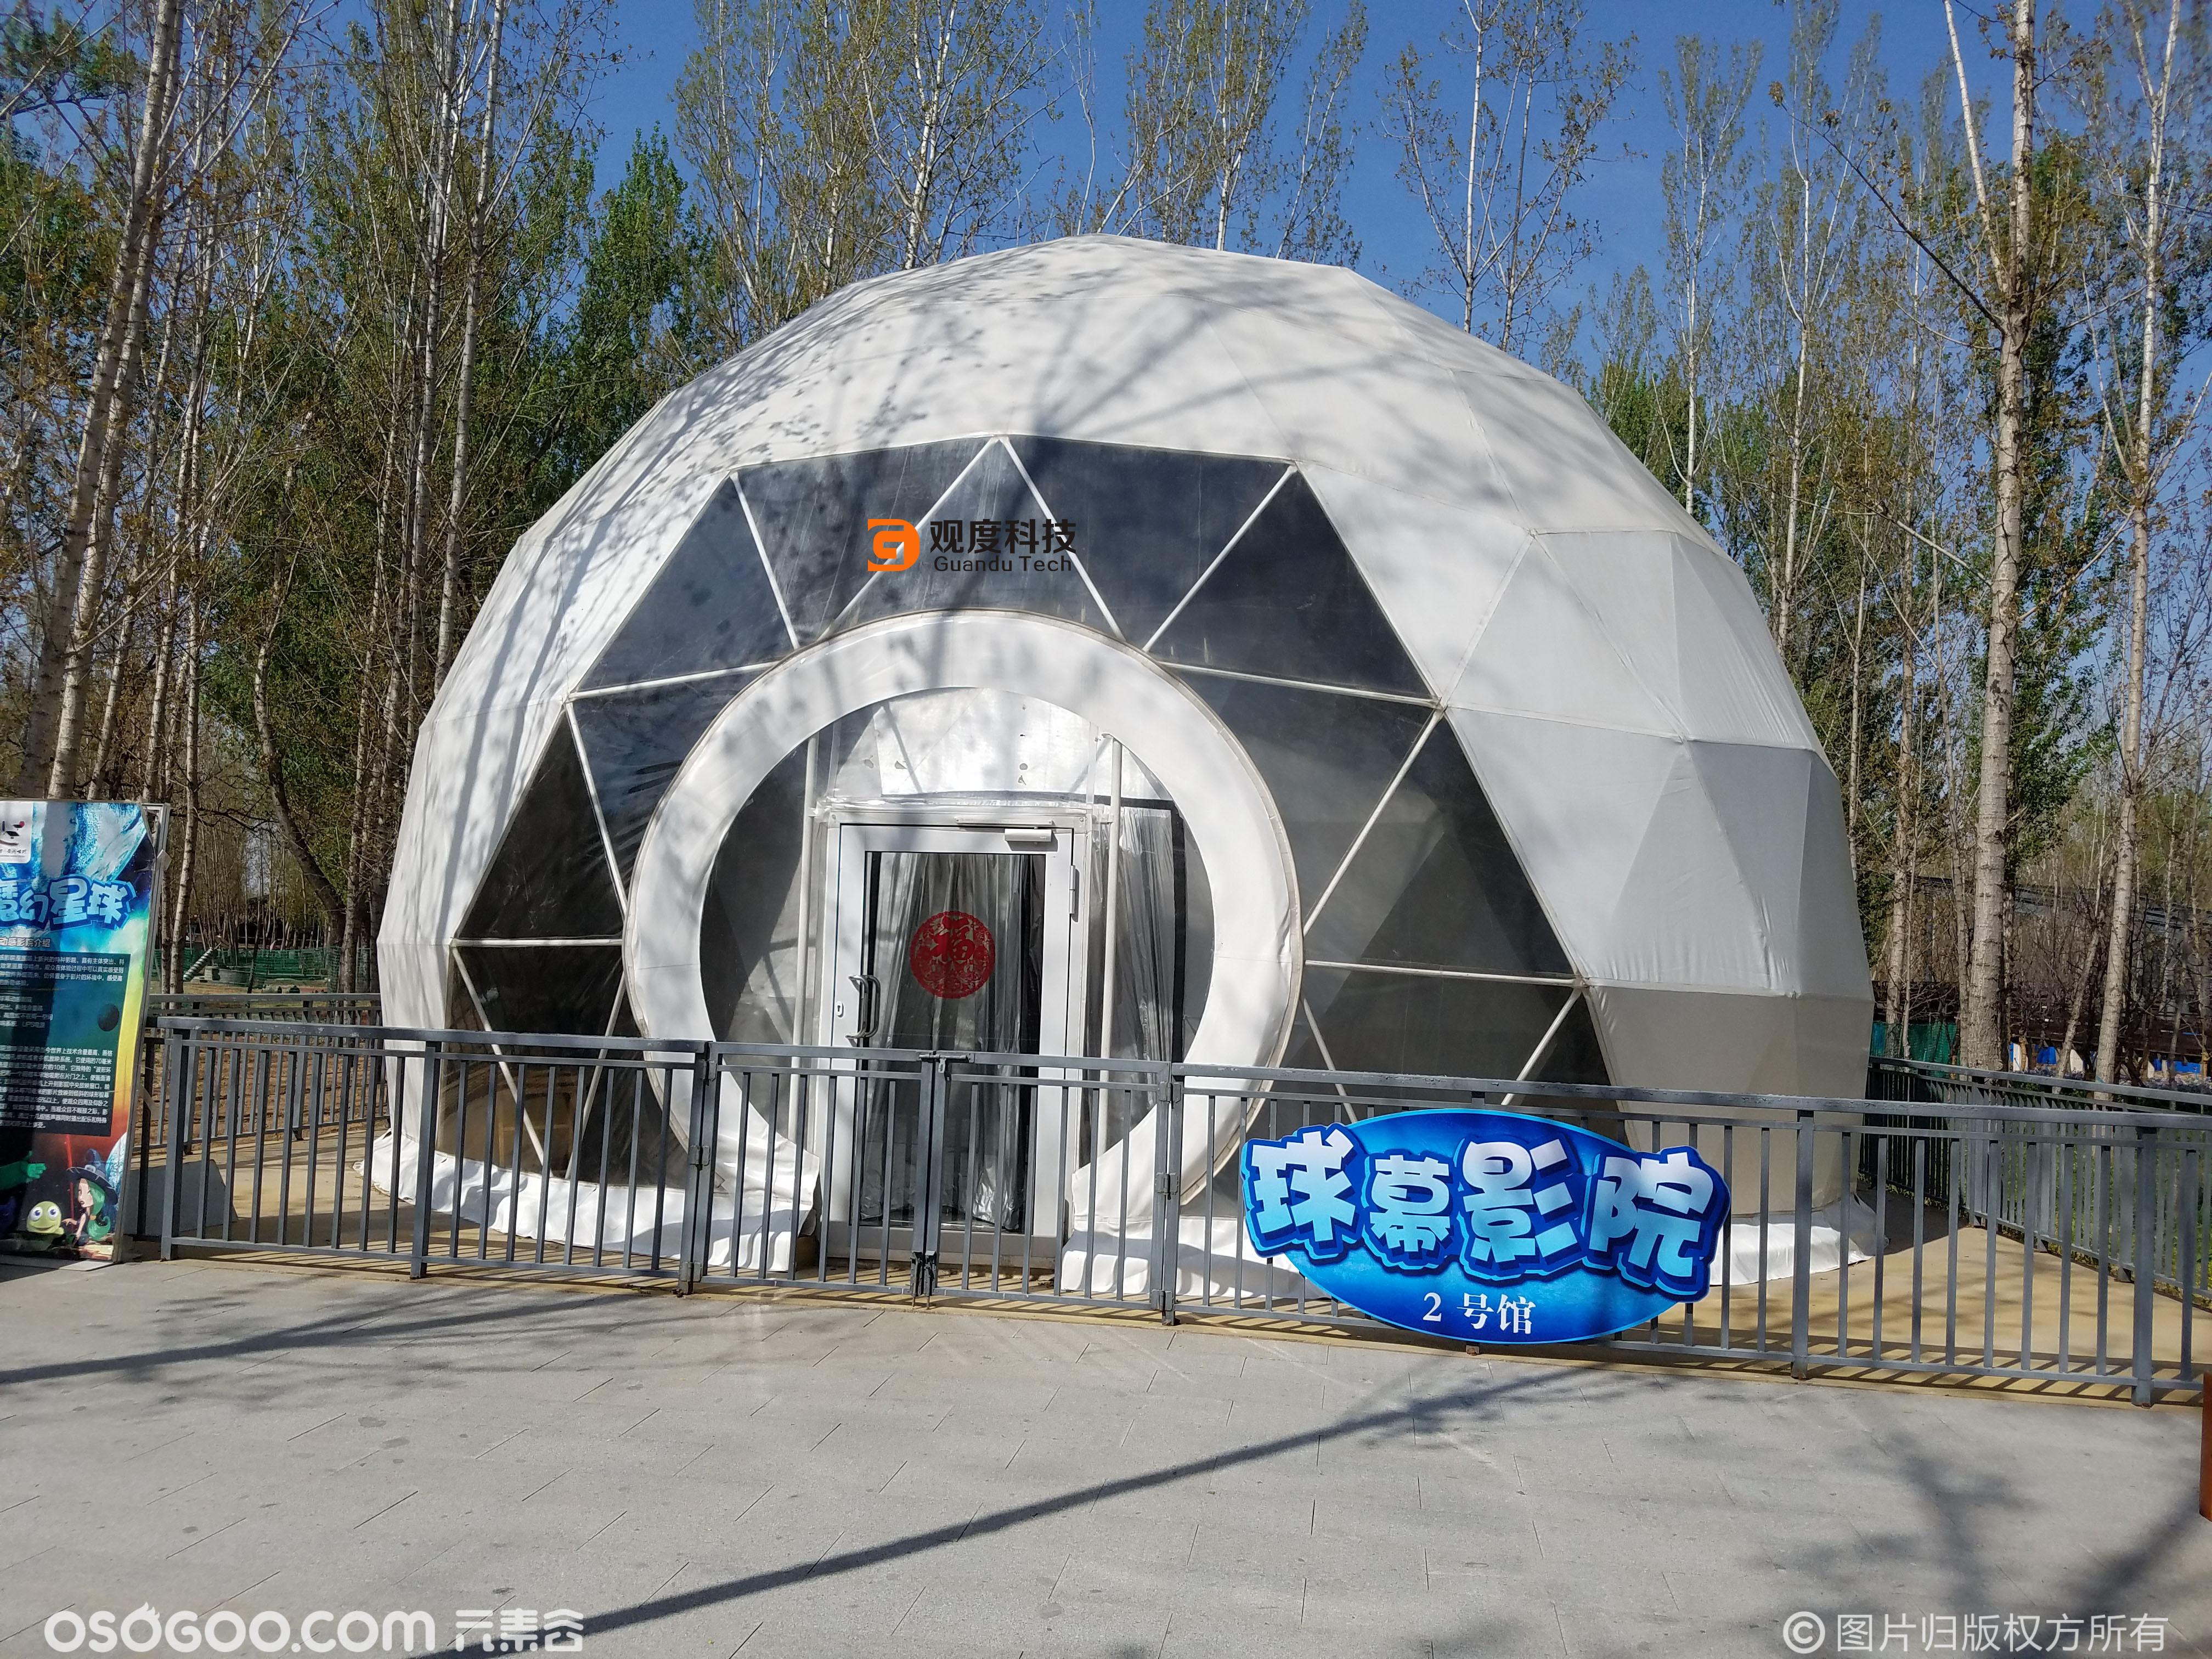 球幕影院租赁 球幕影院销售  室内室外球幕影院